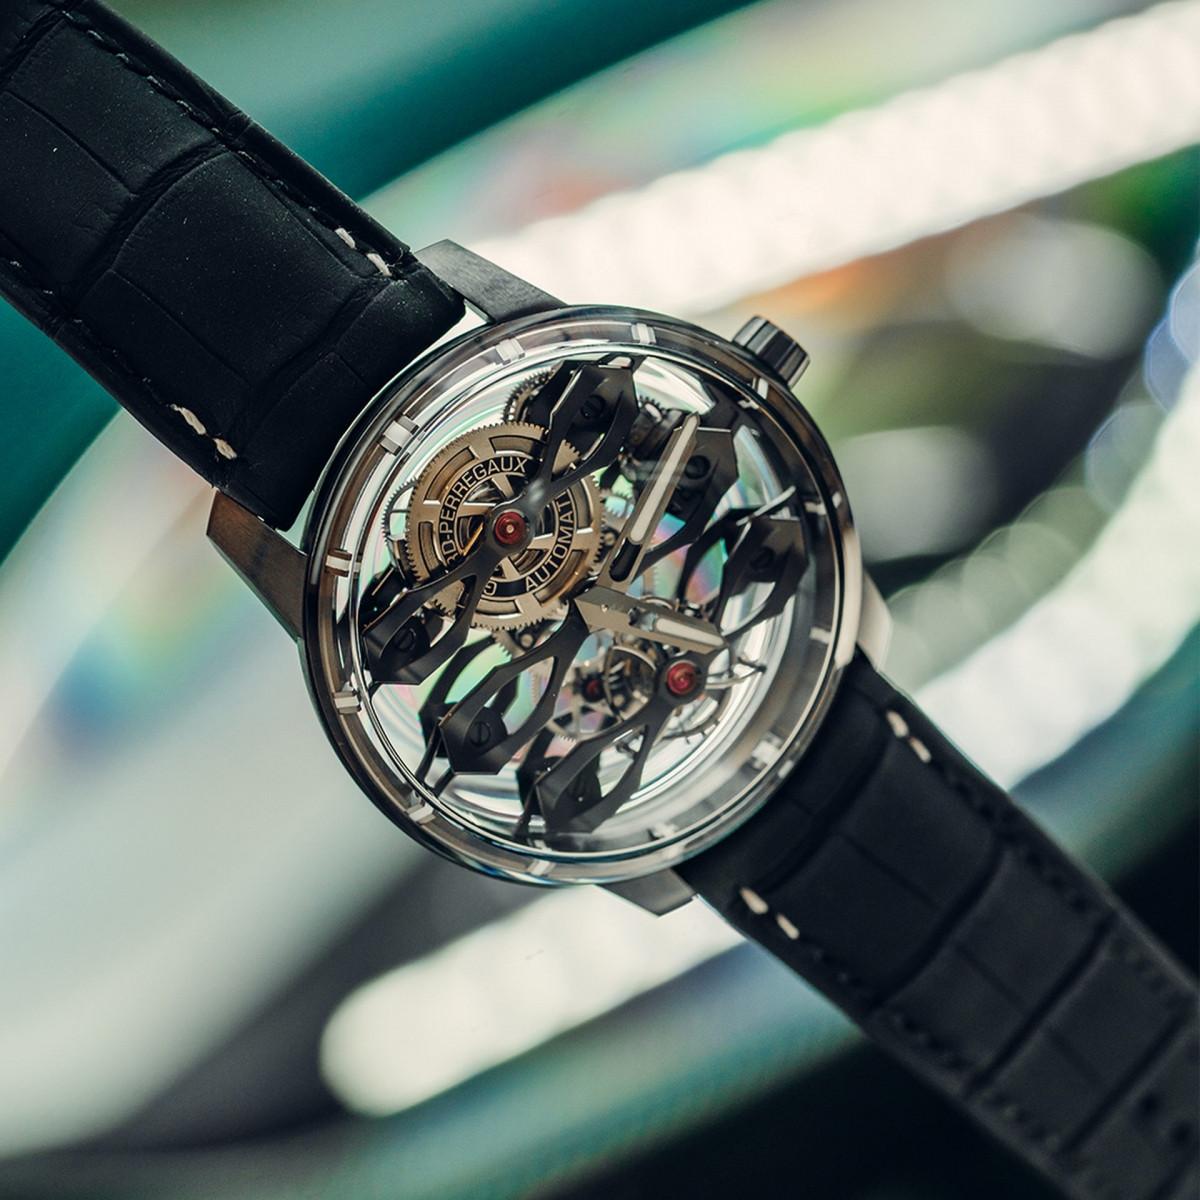 Aston Martin ra mắt mẫu đồng hồ giá hơn 3 tỷ đồng-7